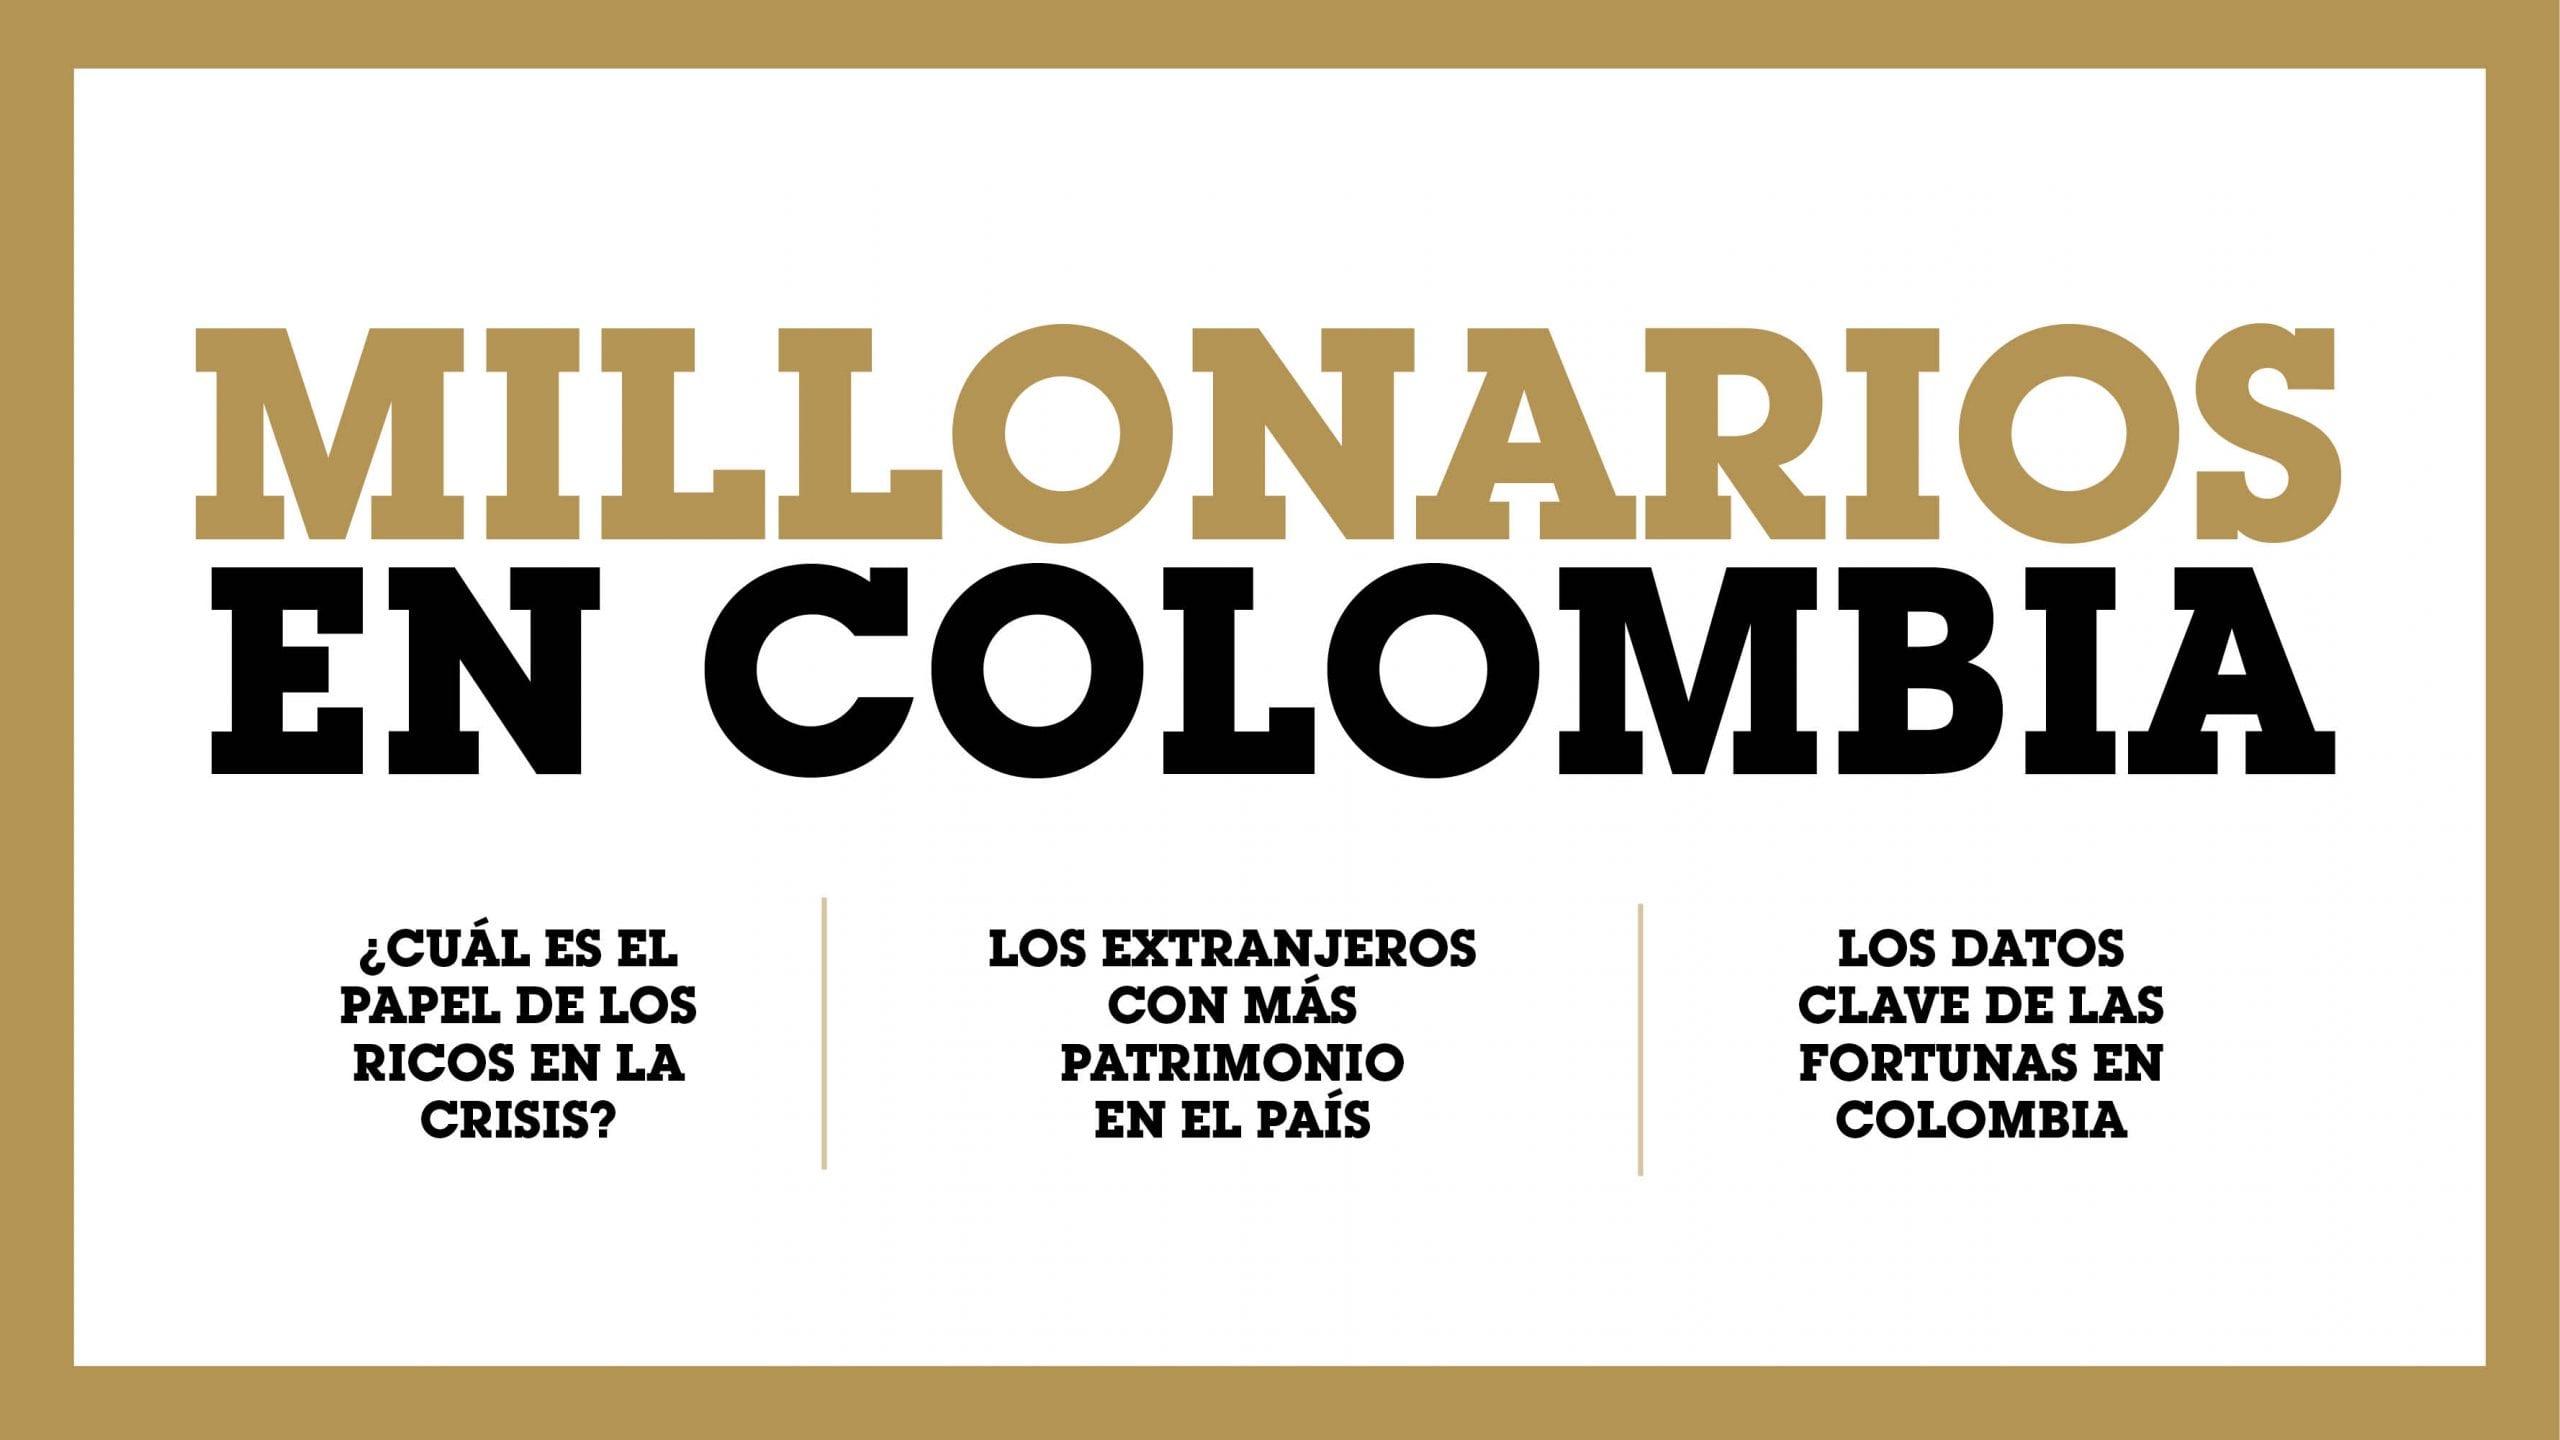 Millonarios en Colombia